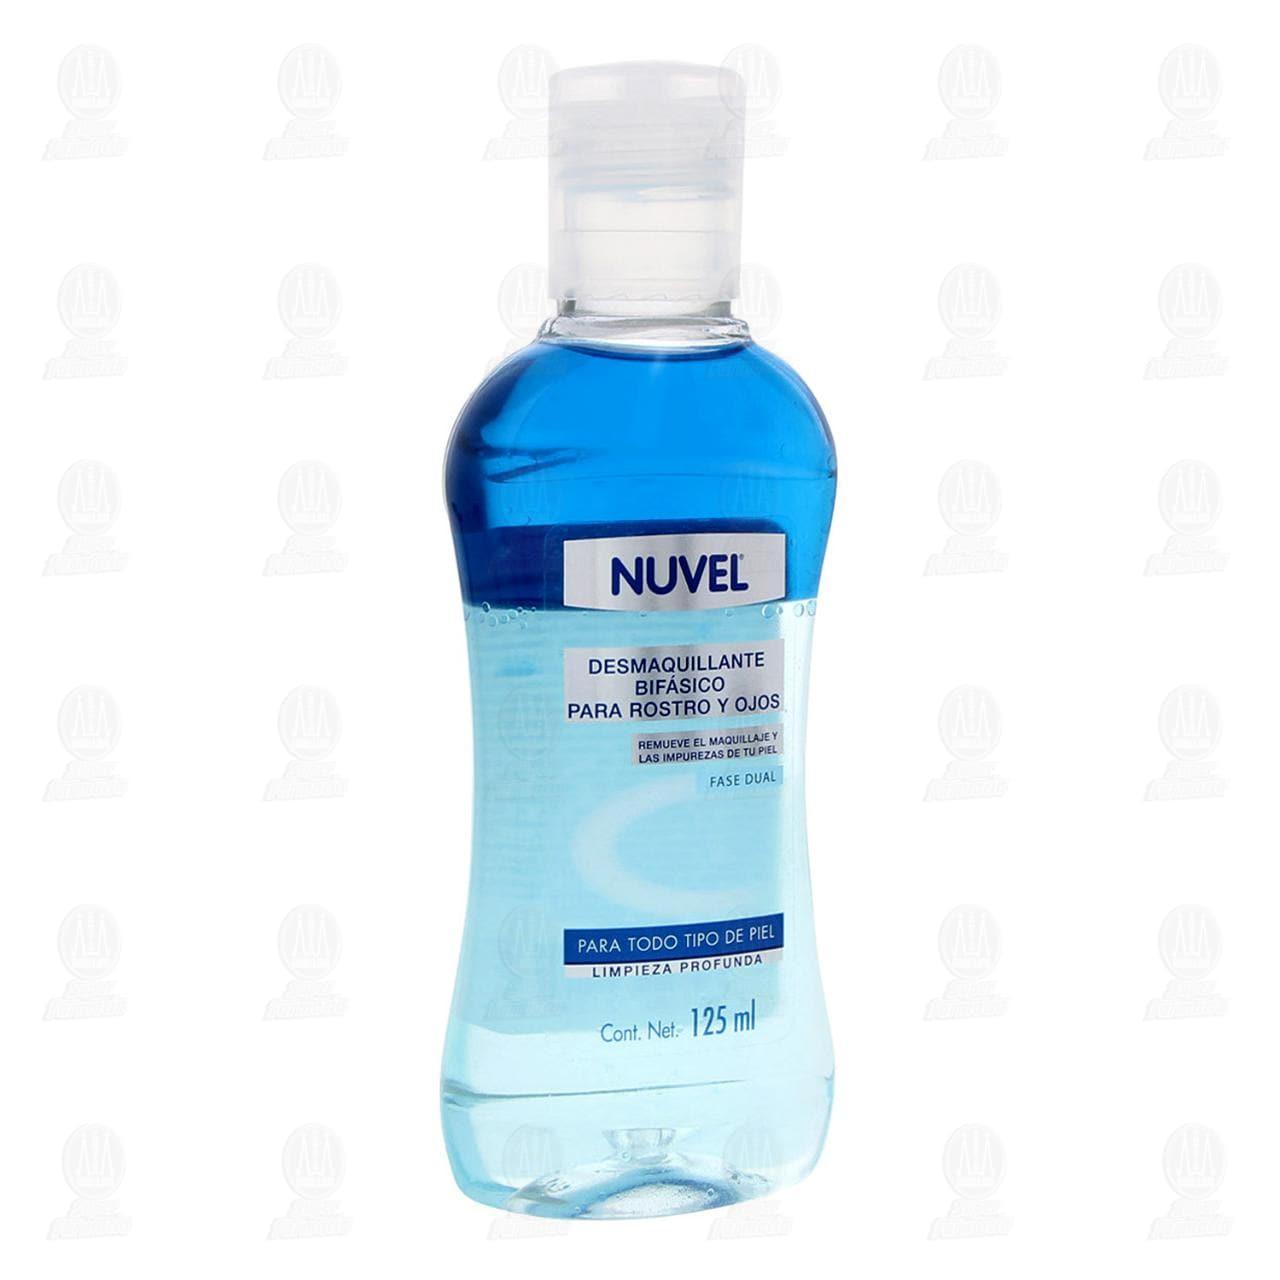 Comprar Desmaquillante Nuvel Bifásico para Rostro y Ojos, 125 ml. en Farmacias Guadalajara